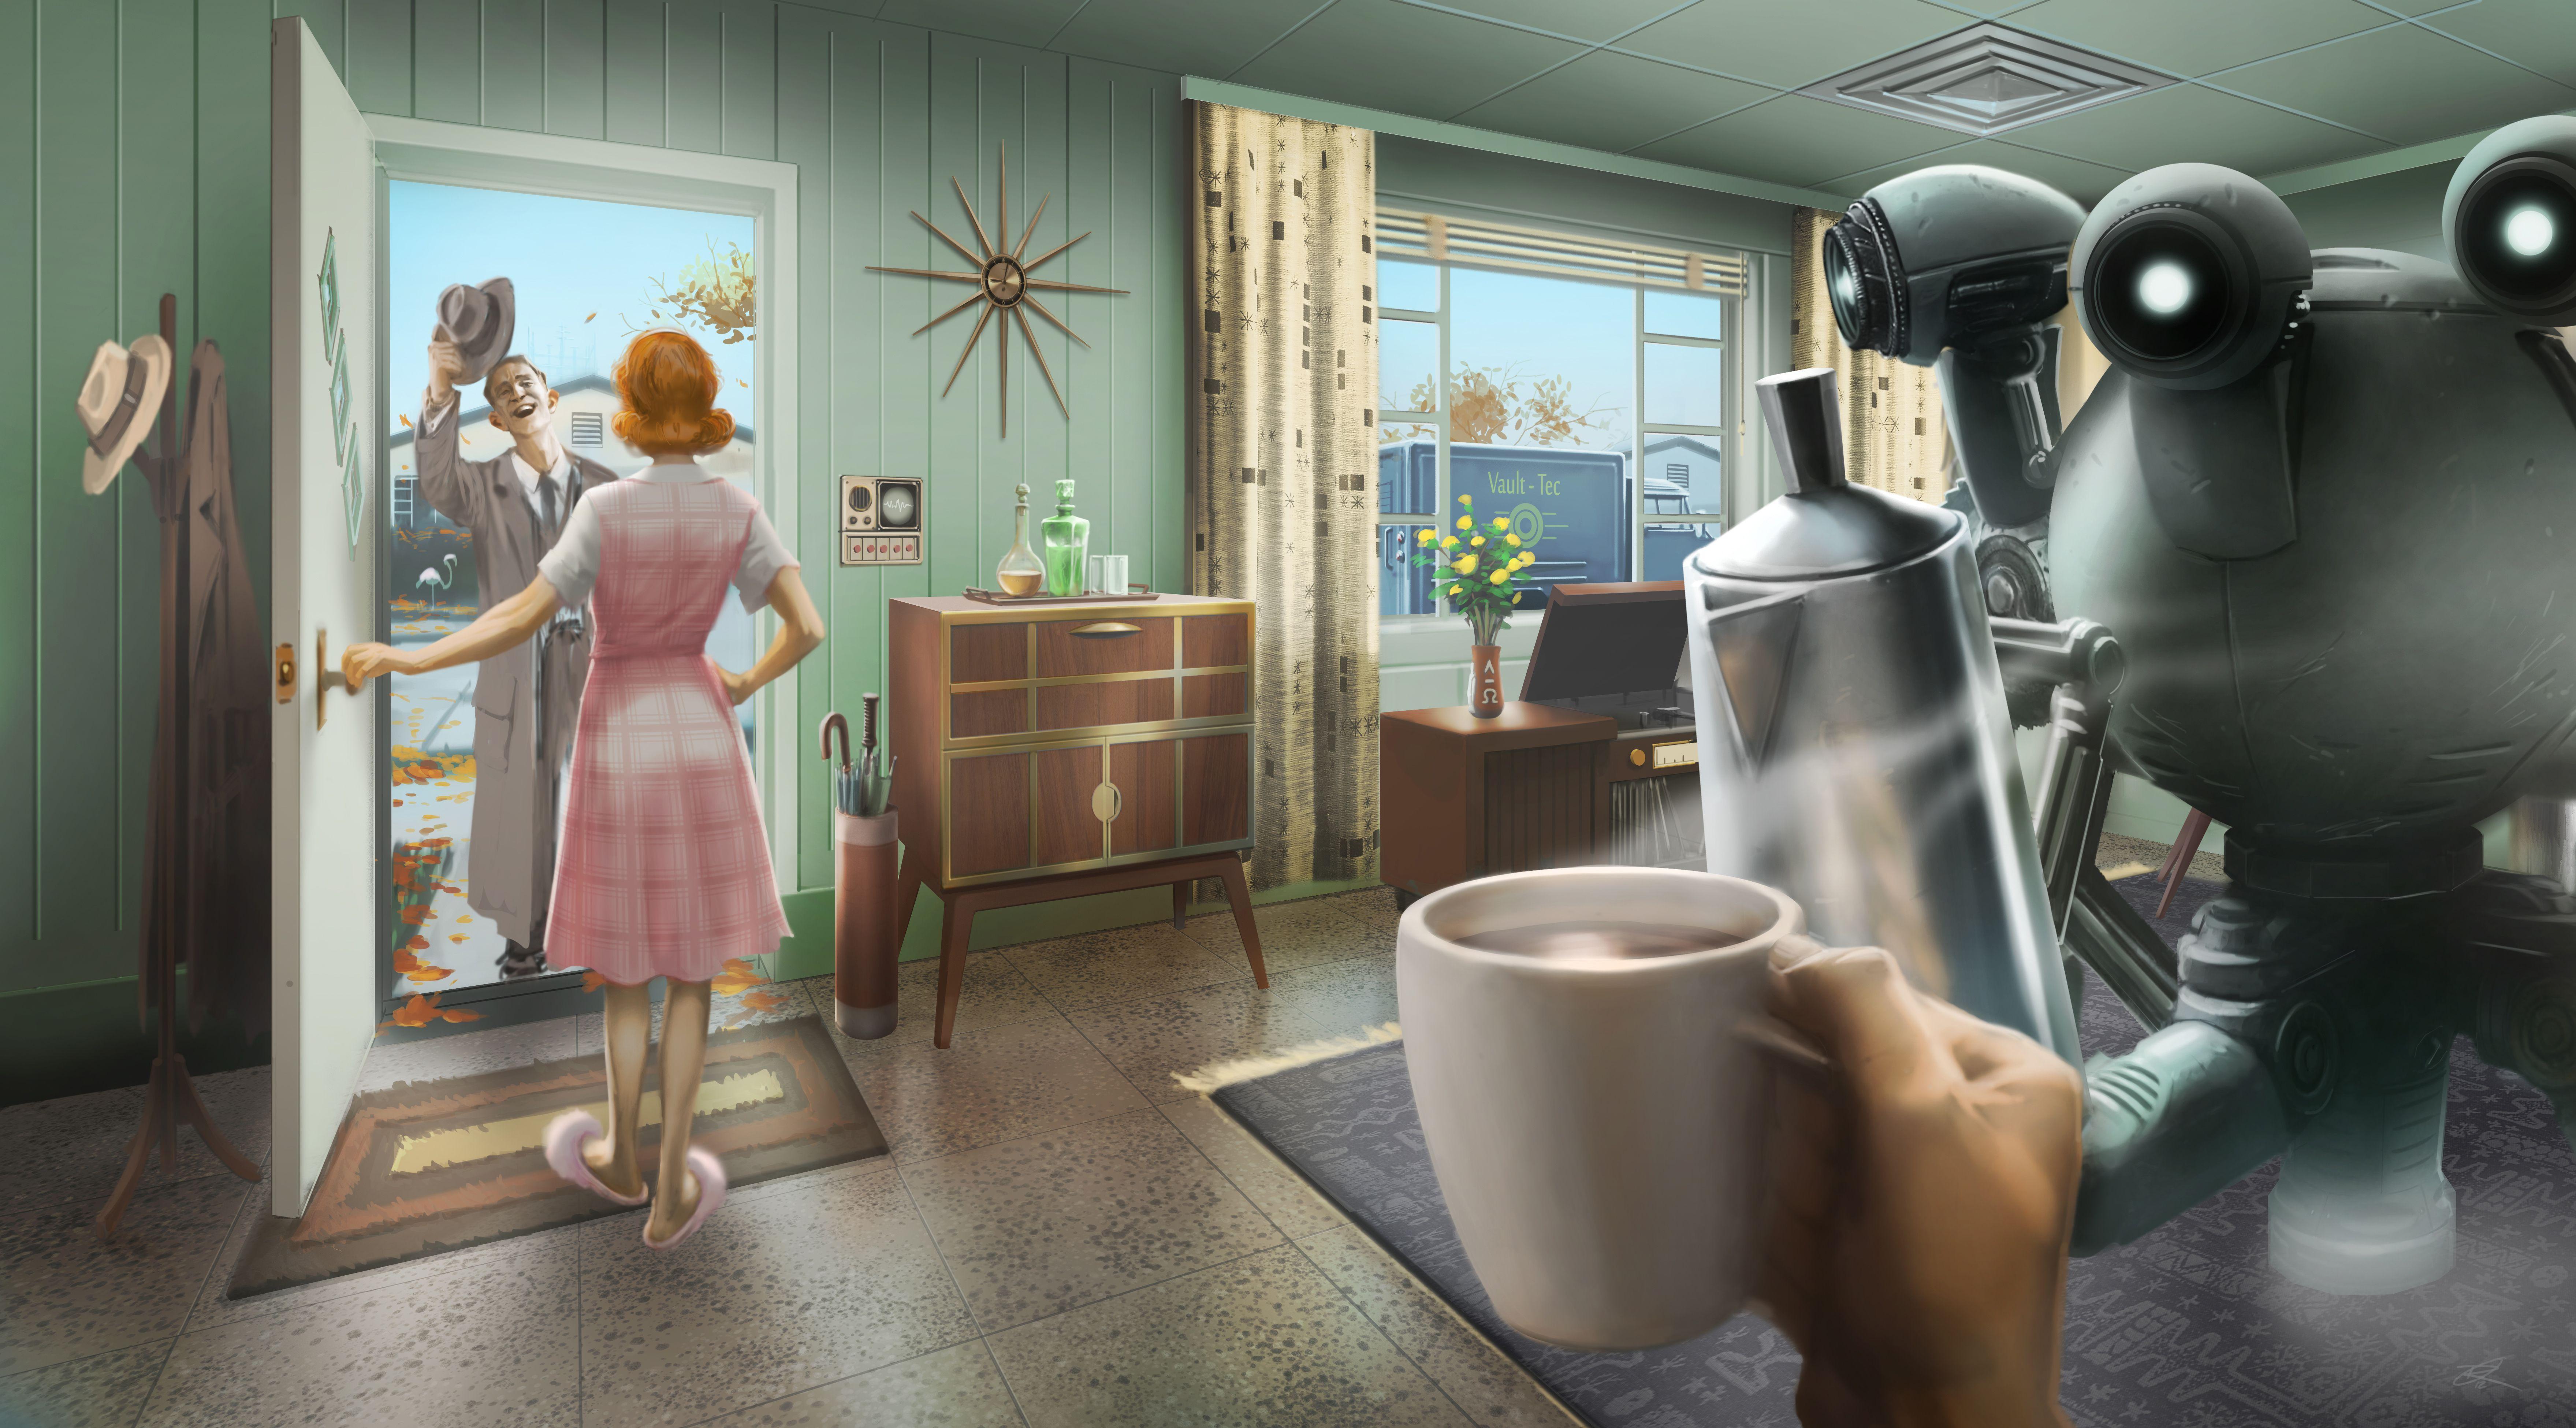 Fallout4_Concept_Salesman_1434323485.0.j